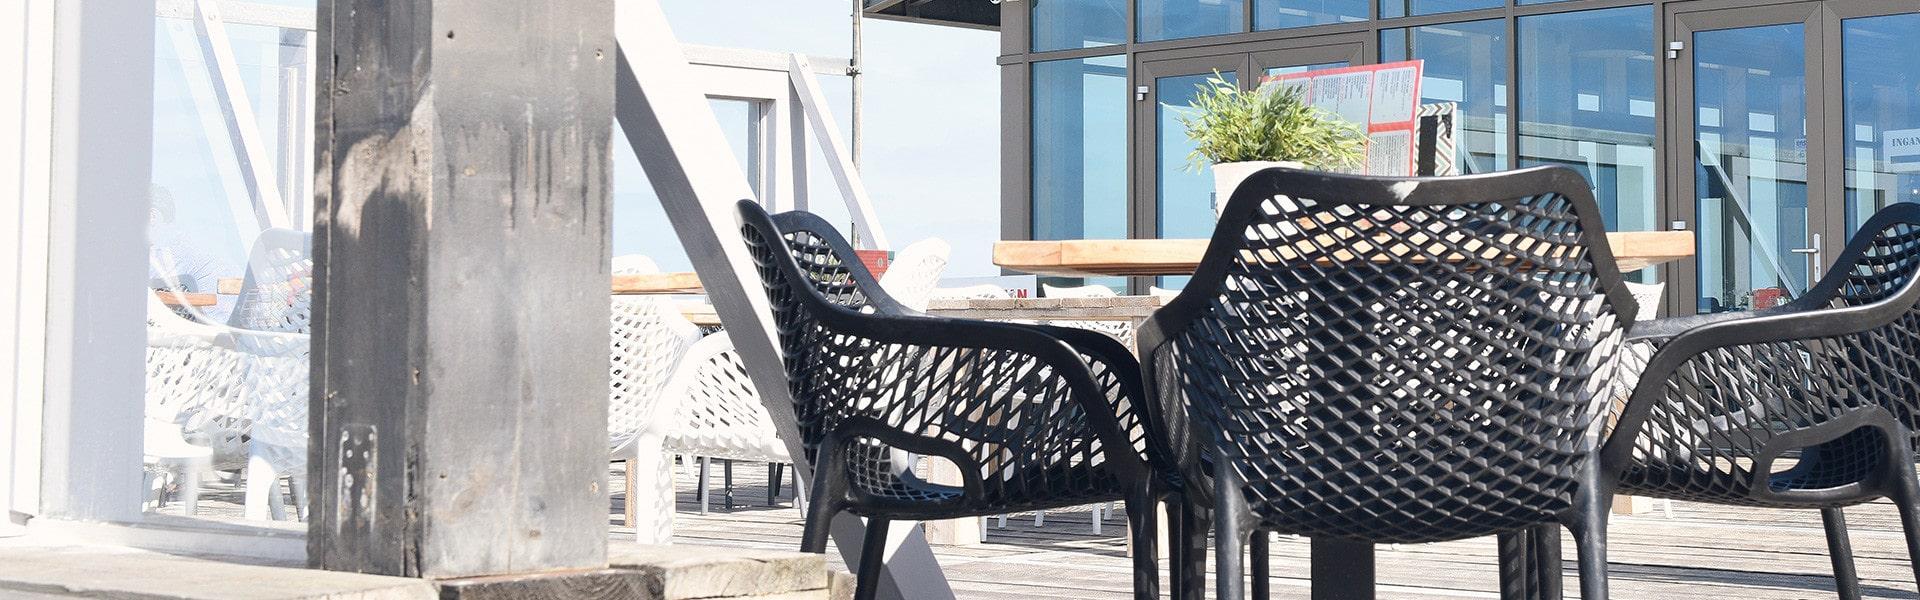 Bekijk onze terrasstoelen